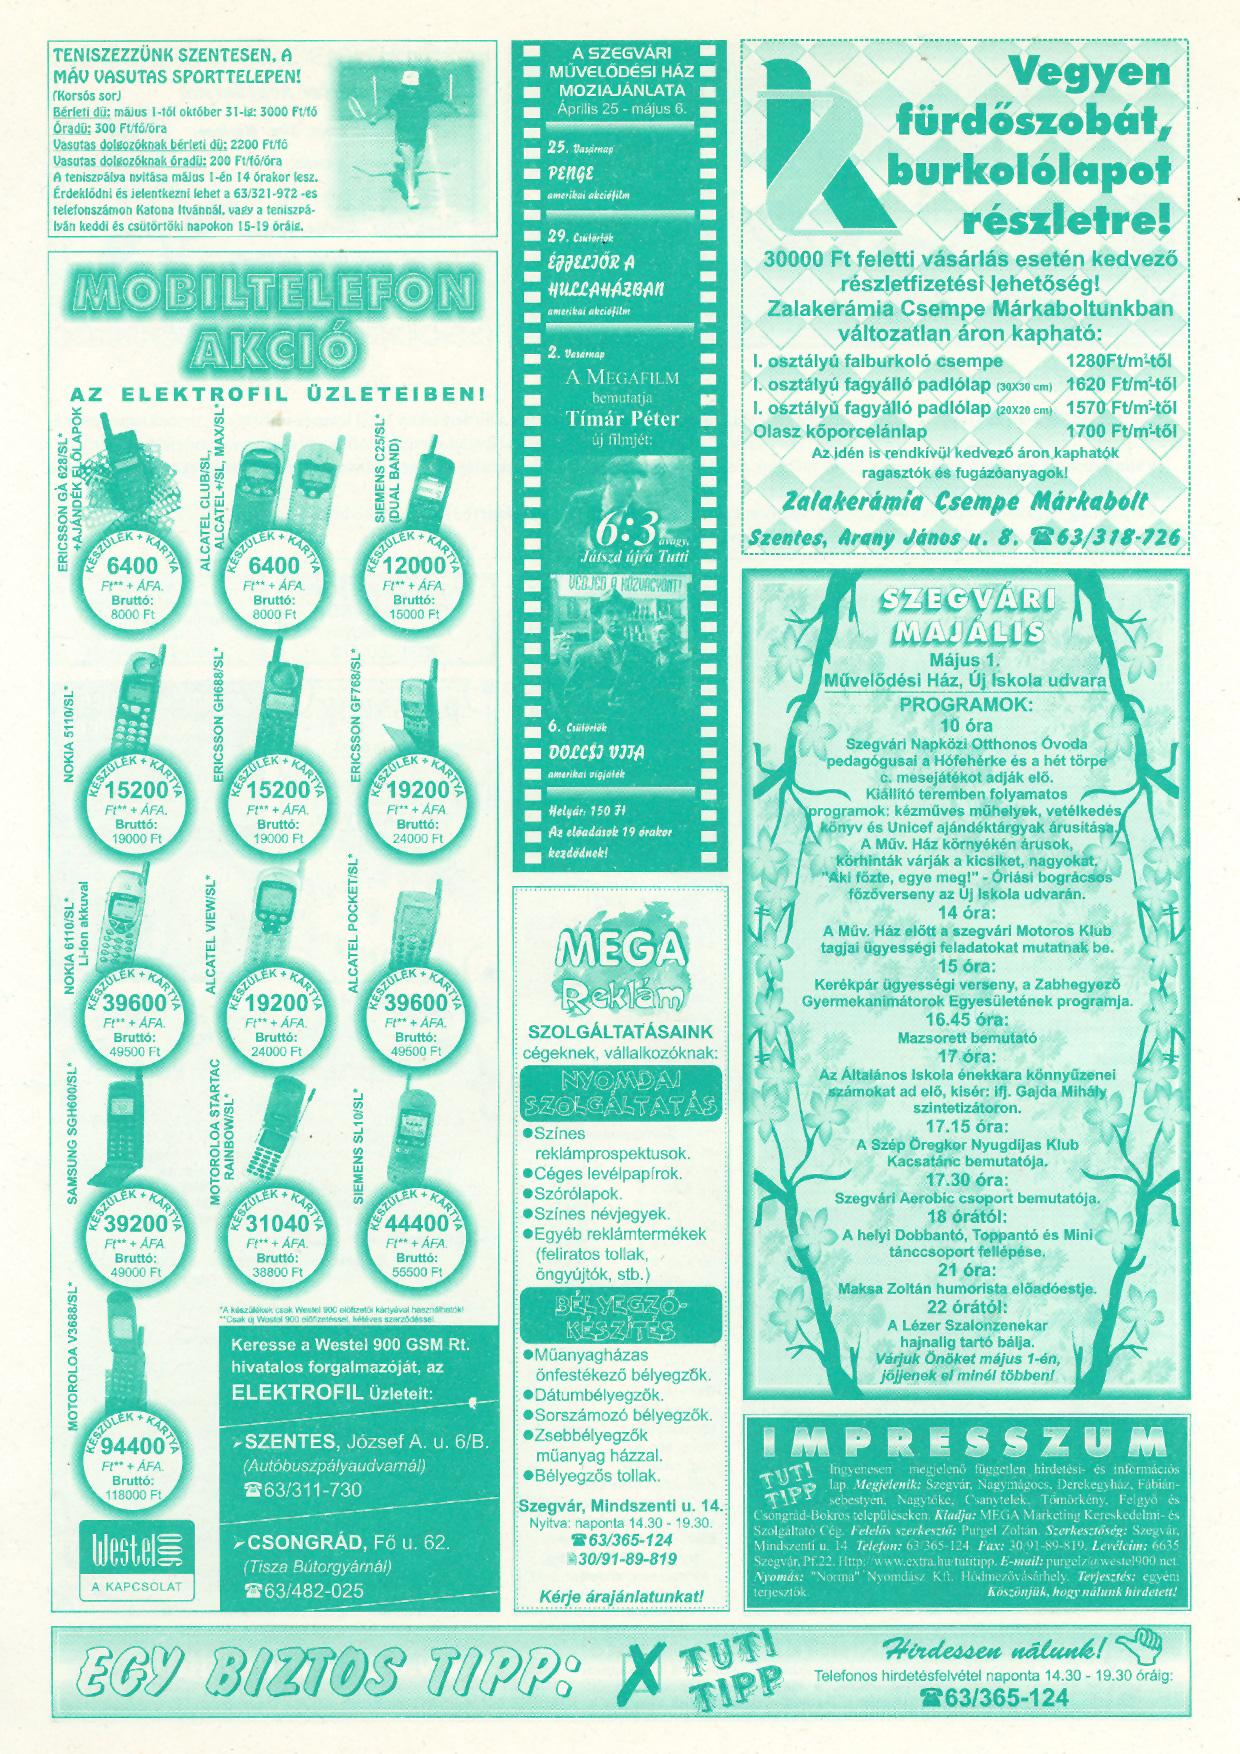 014 Tuti Tipp reklámújság - 19990424-119. lapszám - 2.oldal - V. évfolyam.jpg